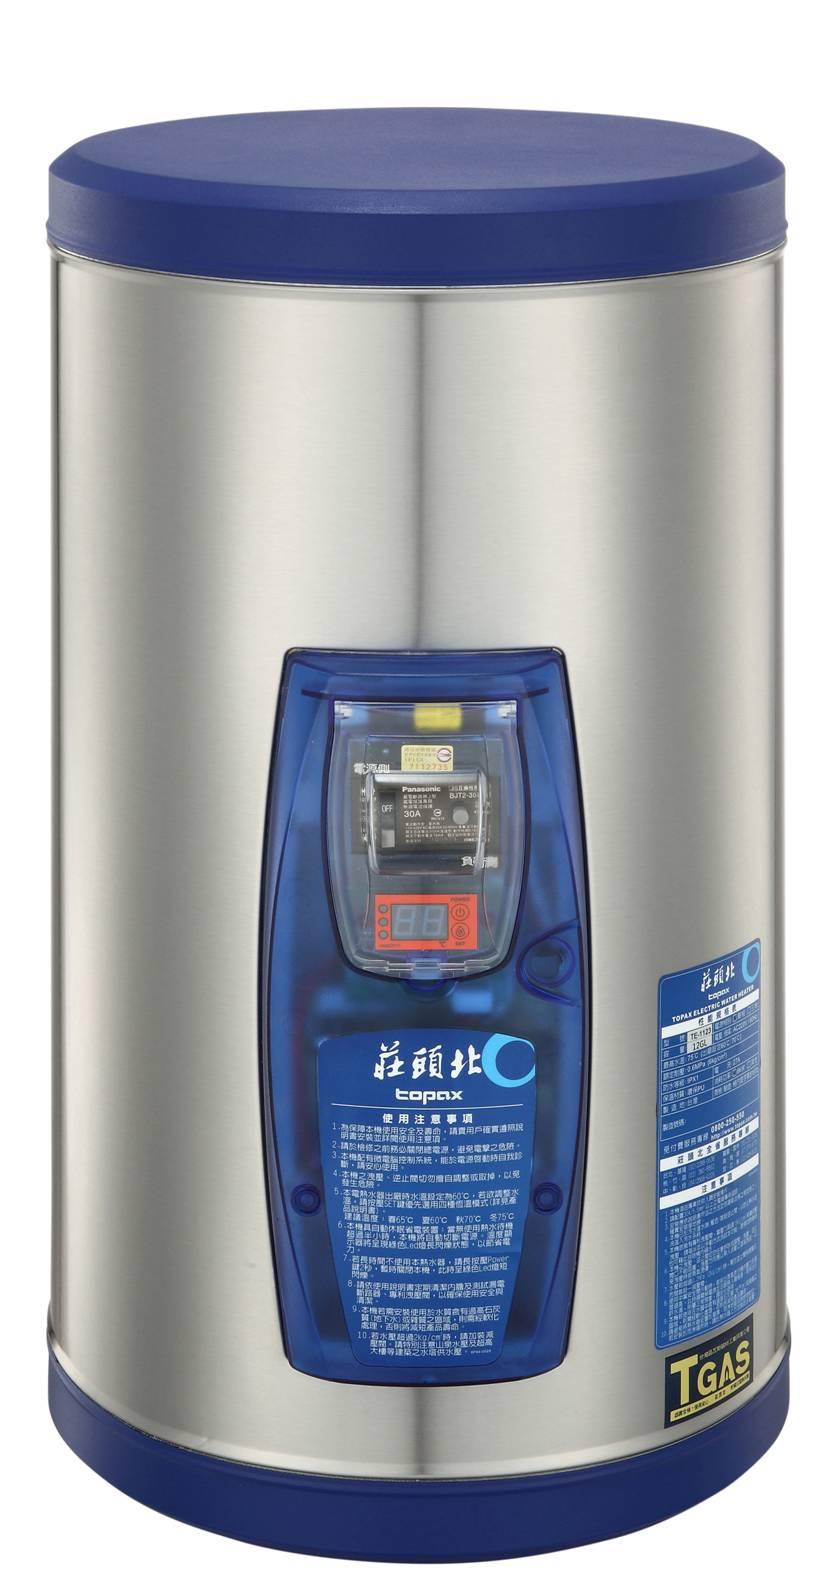 儲熱式12G 莊頭北電熱水器TE-1123